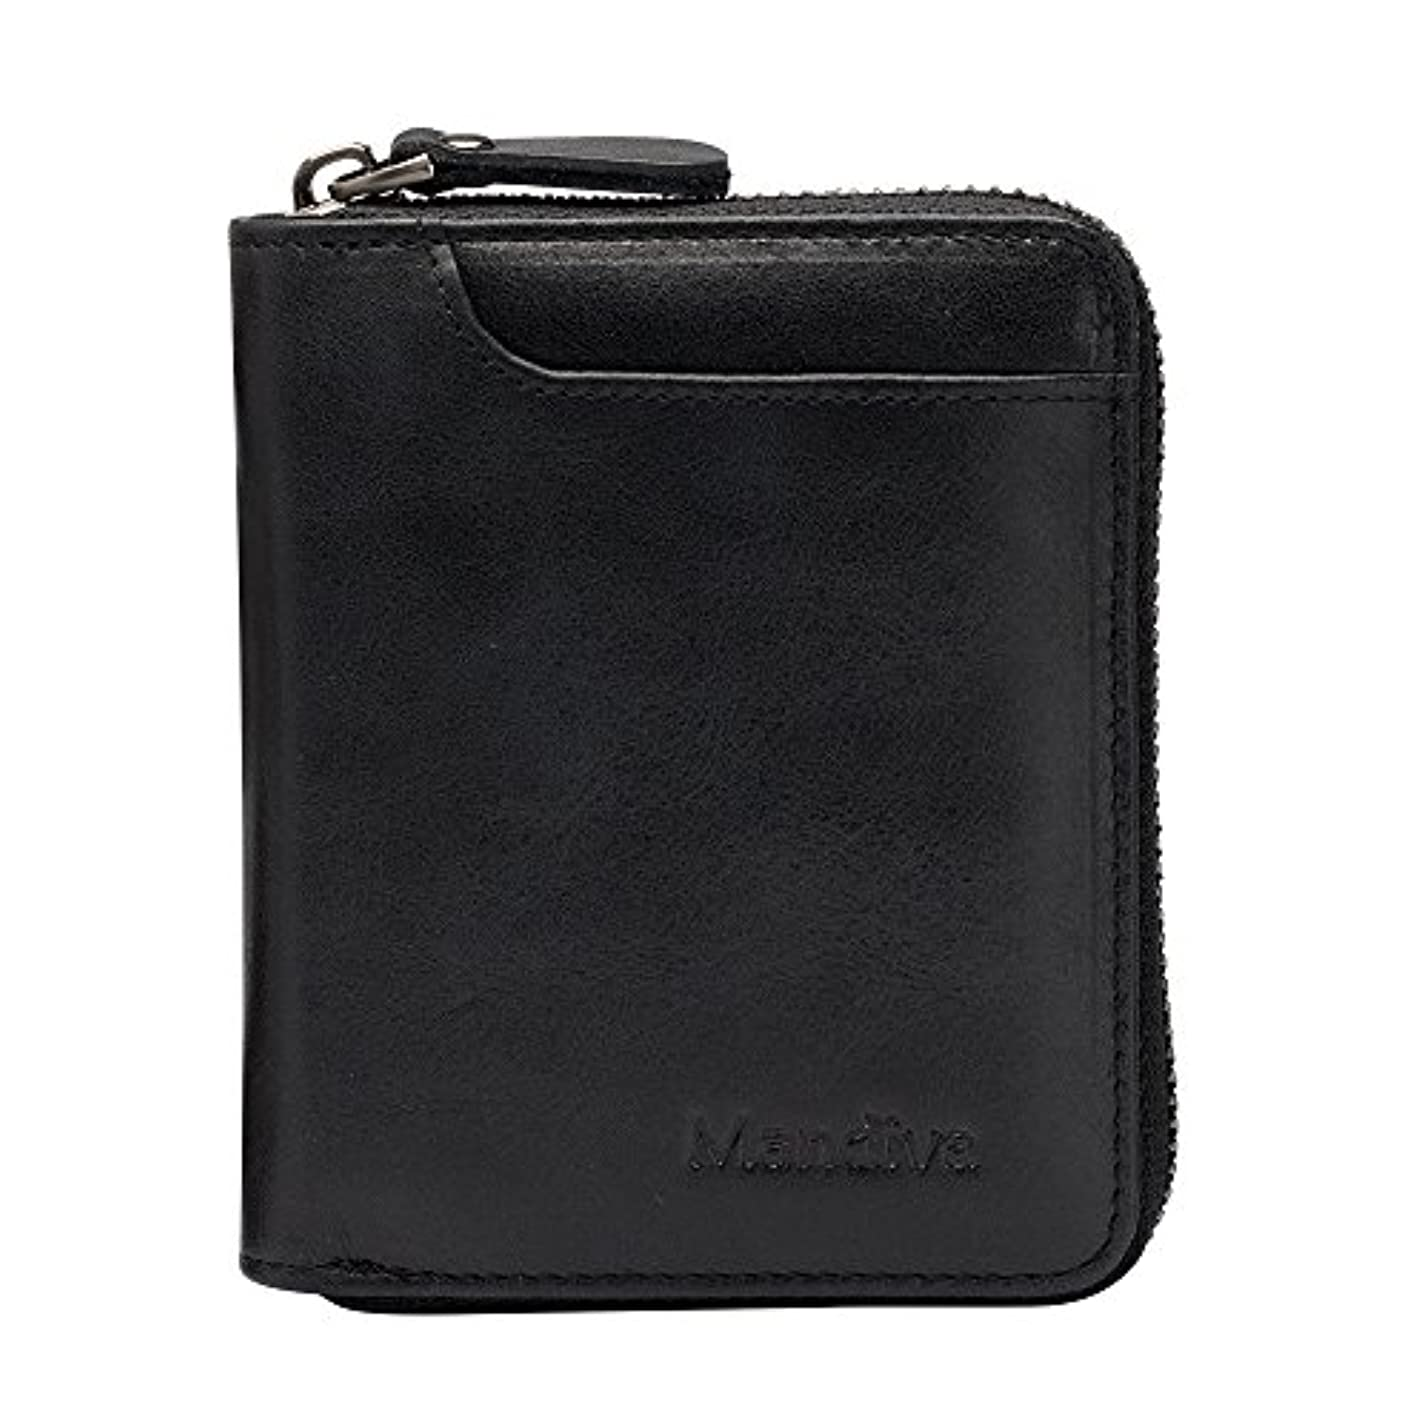 何でも災害レースMandiva 財布 カードケース 本革 メンズ 軽量小銭入れ コンパクト ラウンドファスナー